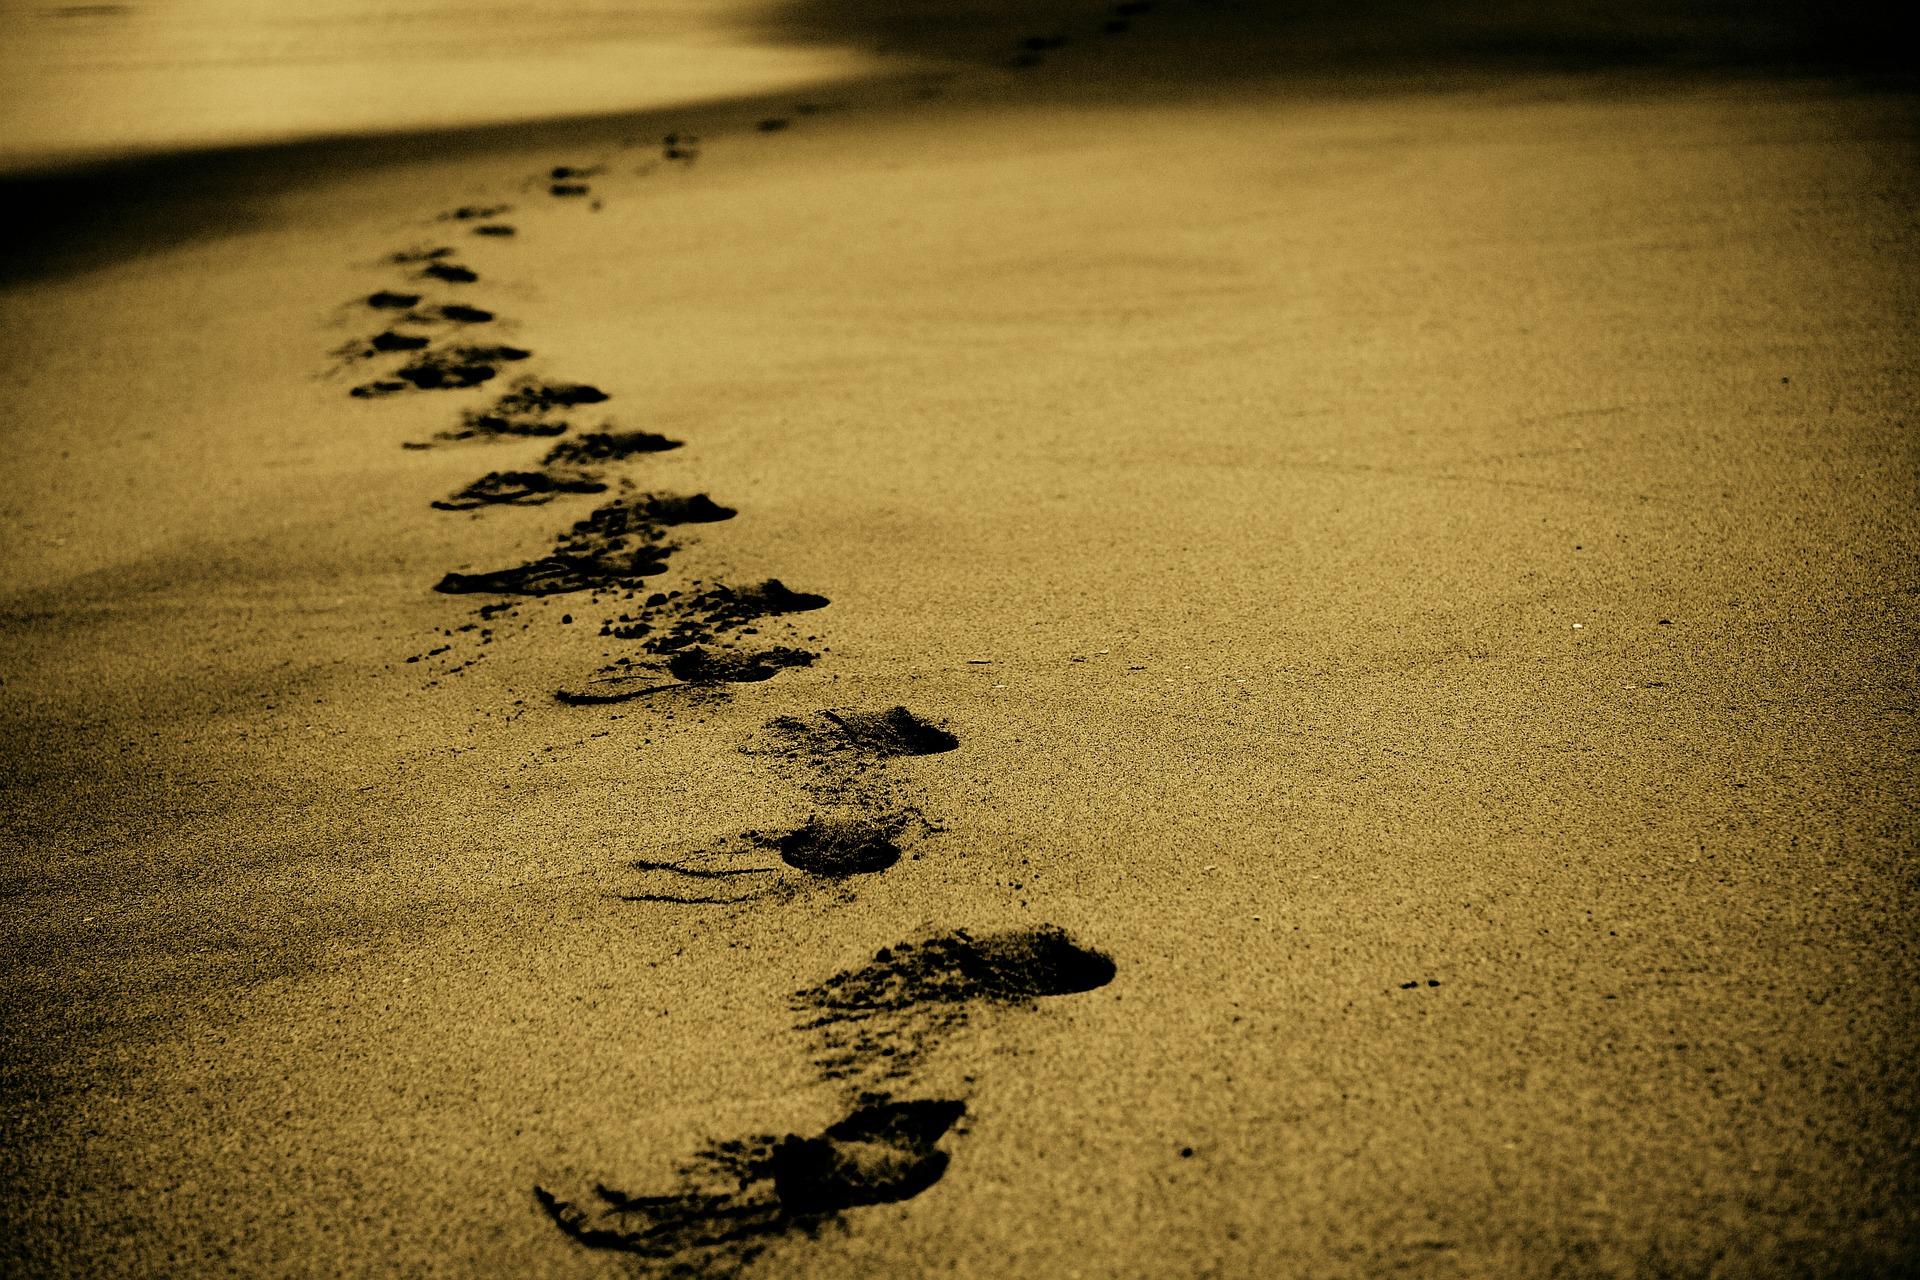 песок, стопам, Пляж, Дорога, этаж - Обои HD - Профессор falken.com